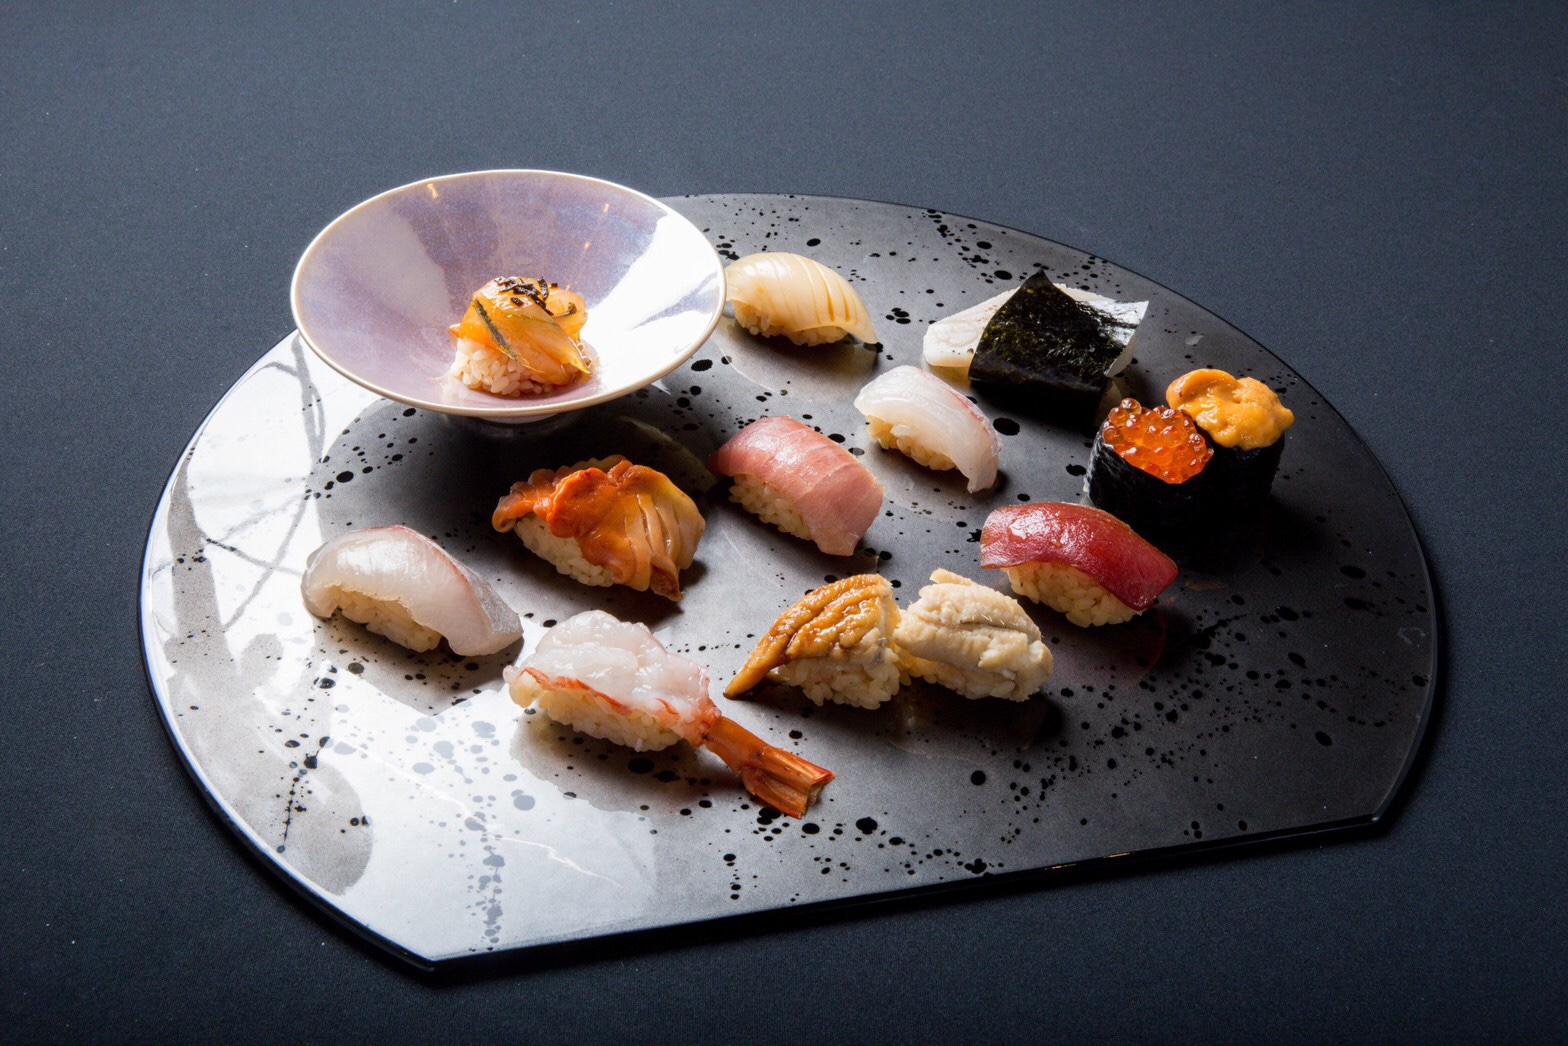 プレゼントに最適な「ごちめし」の食事券。新鮮なネタと極上のシャリのハーモニーを満喫!食通も唸る本格寿司・兵庫編